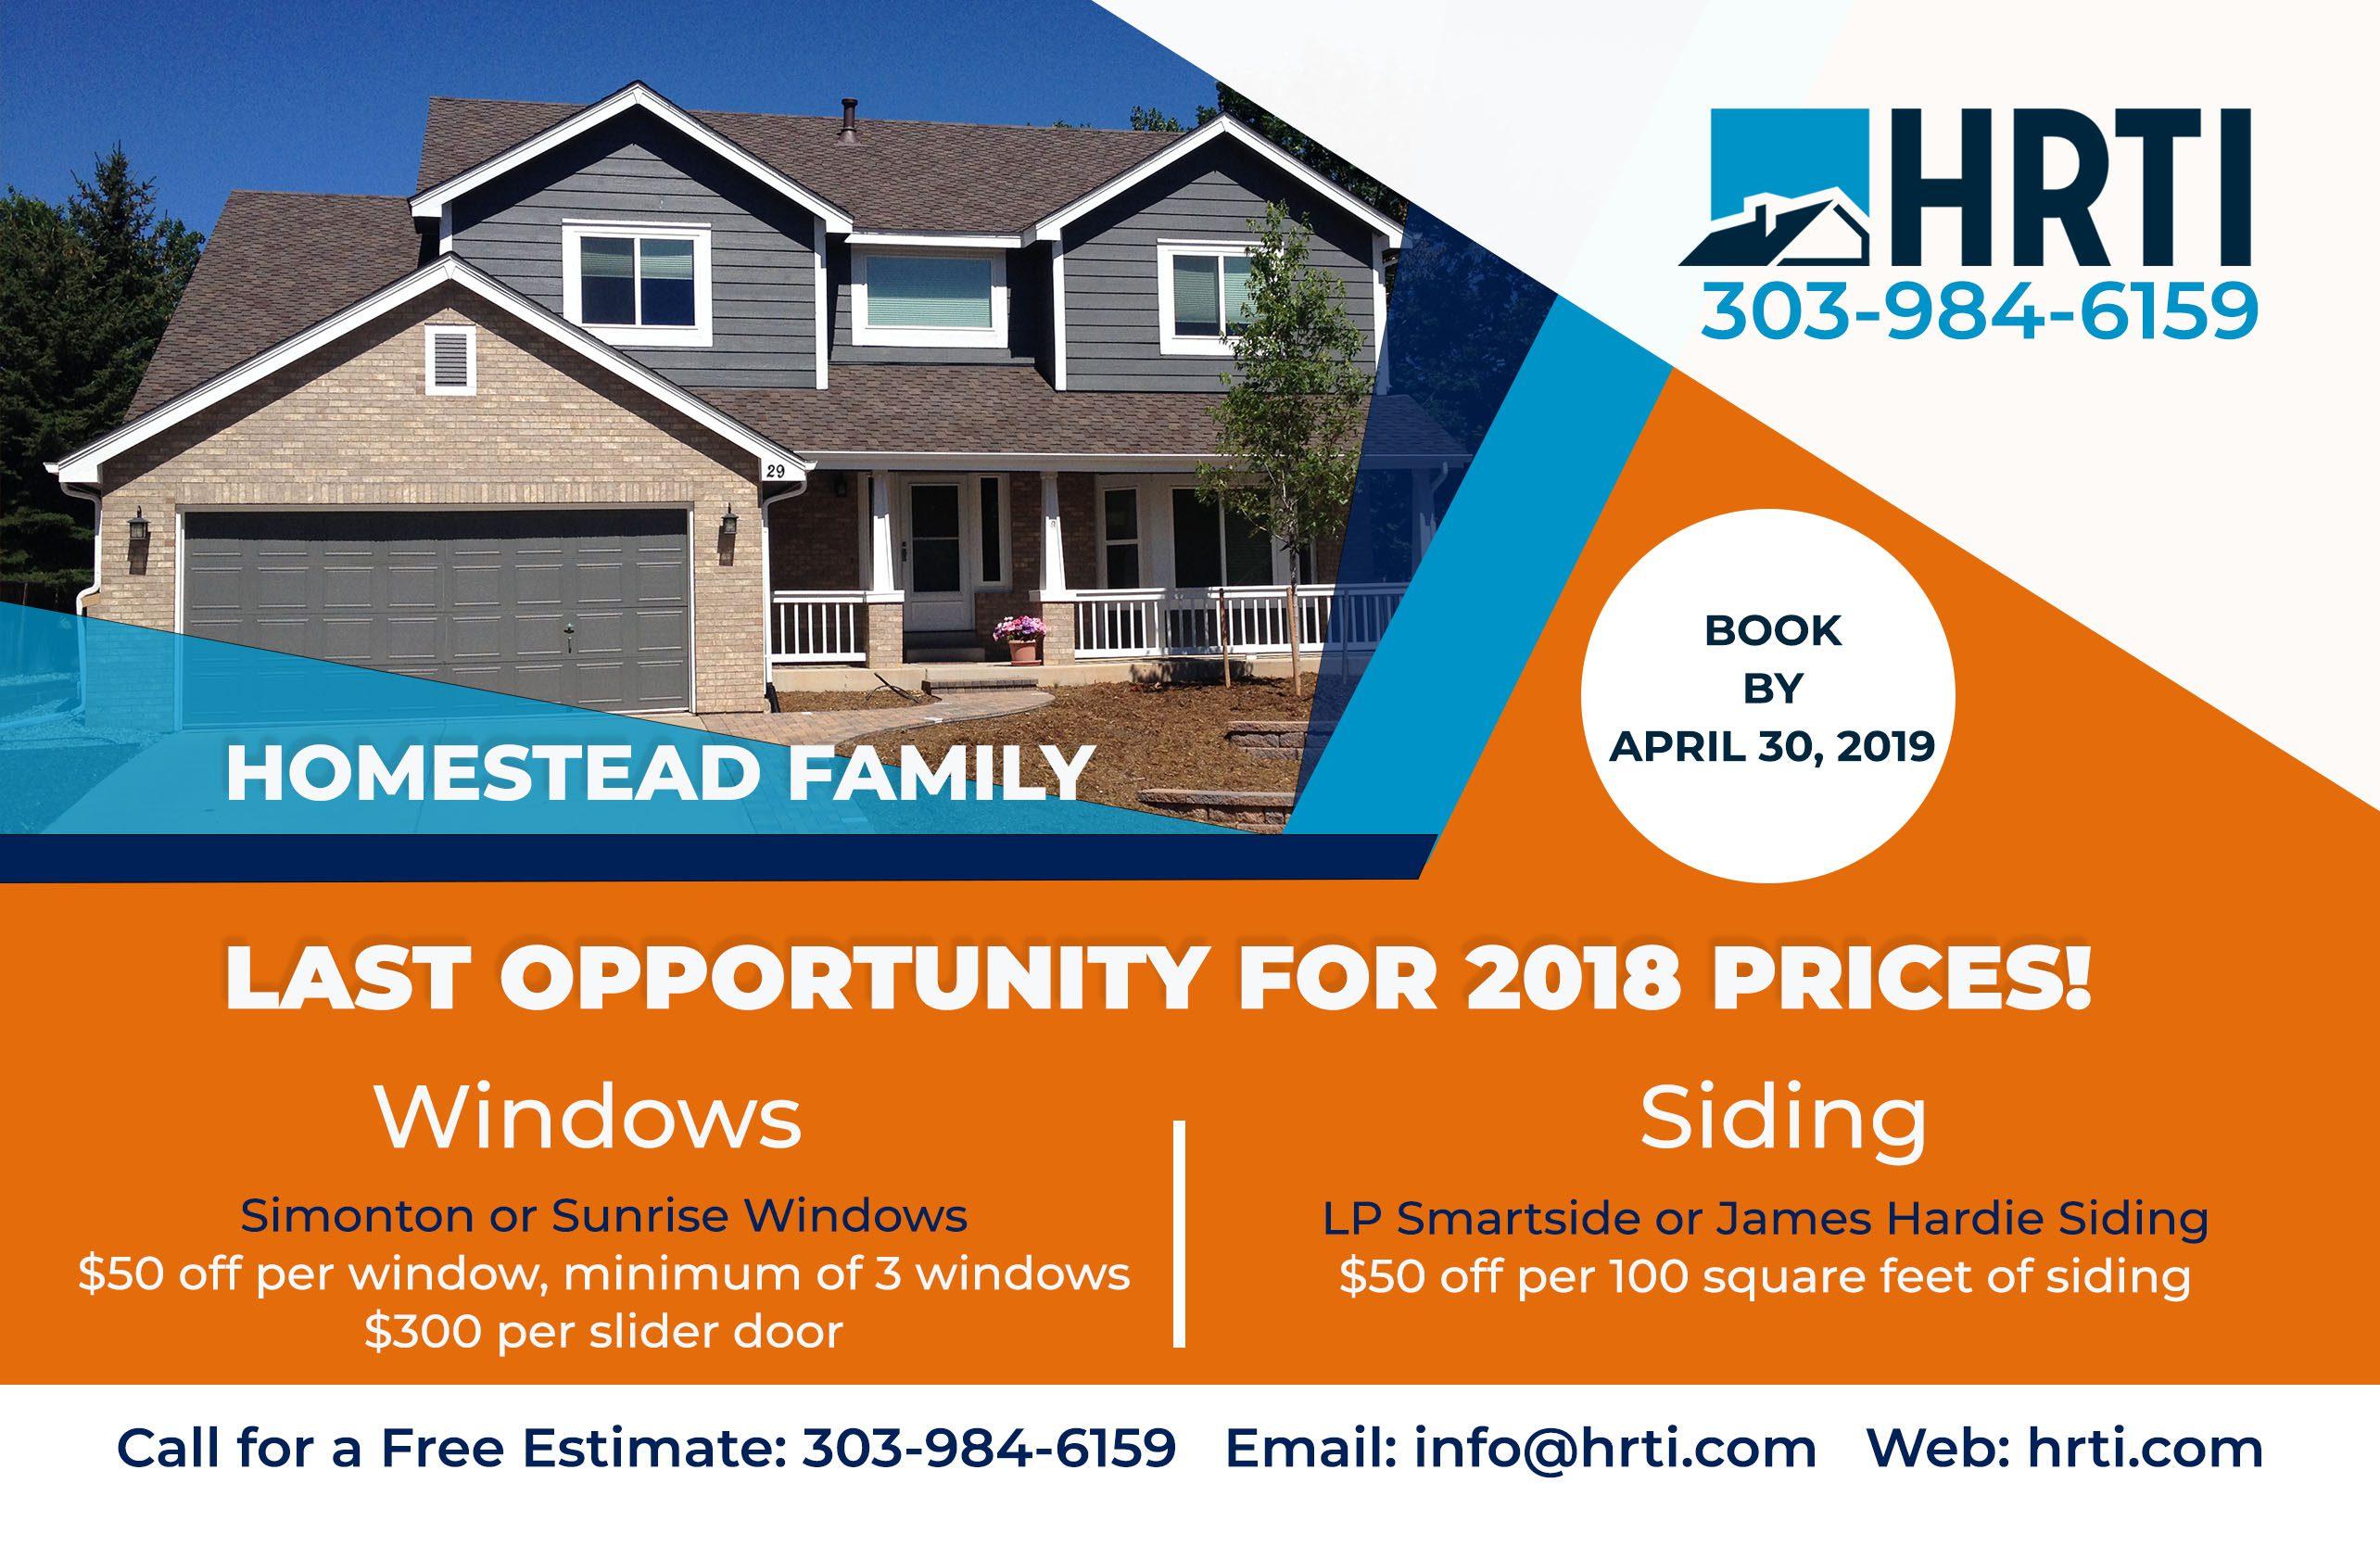 Homestead neighborhood flyer